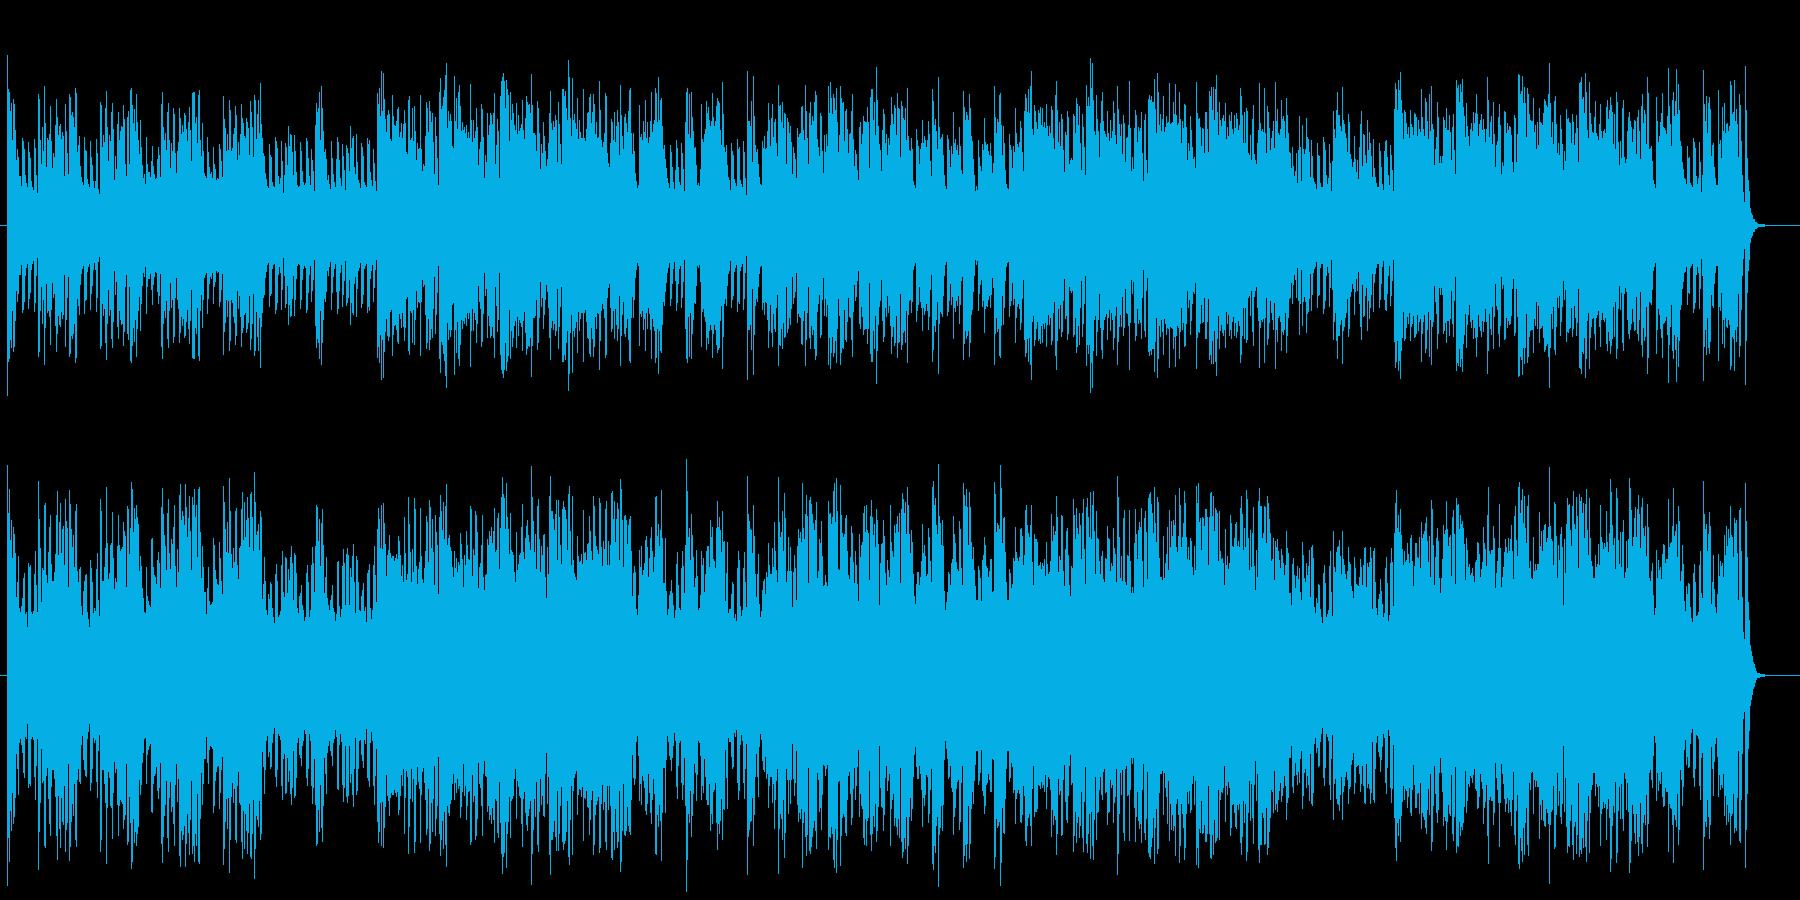 かっこいいシンセサイザーミュージックの再生済みの波形